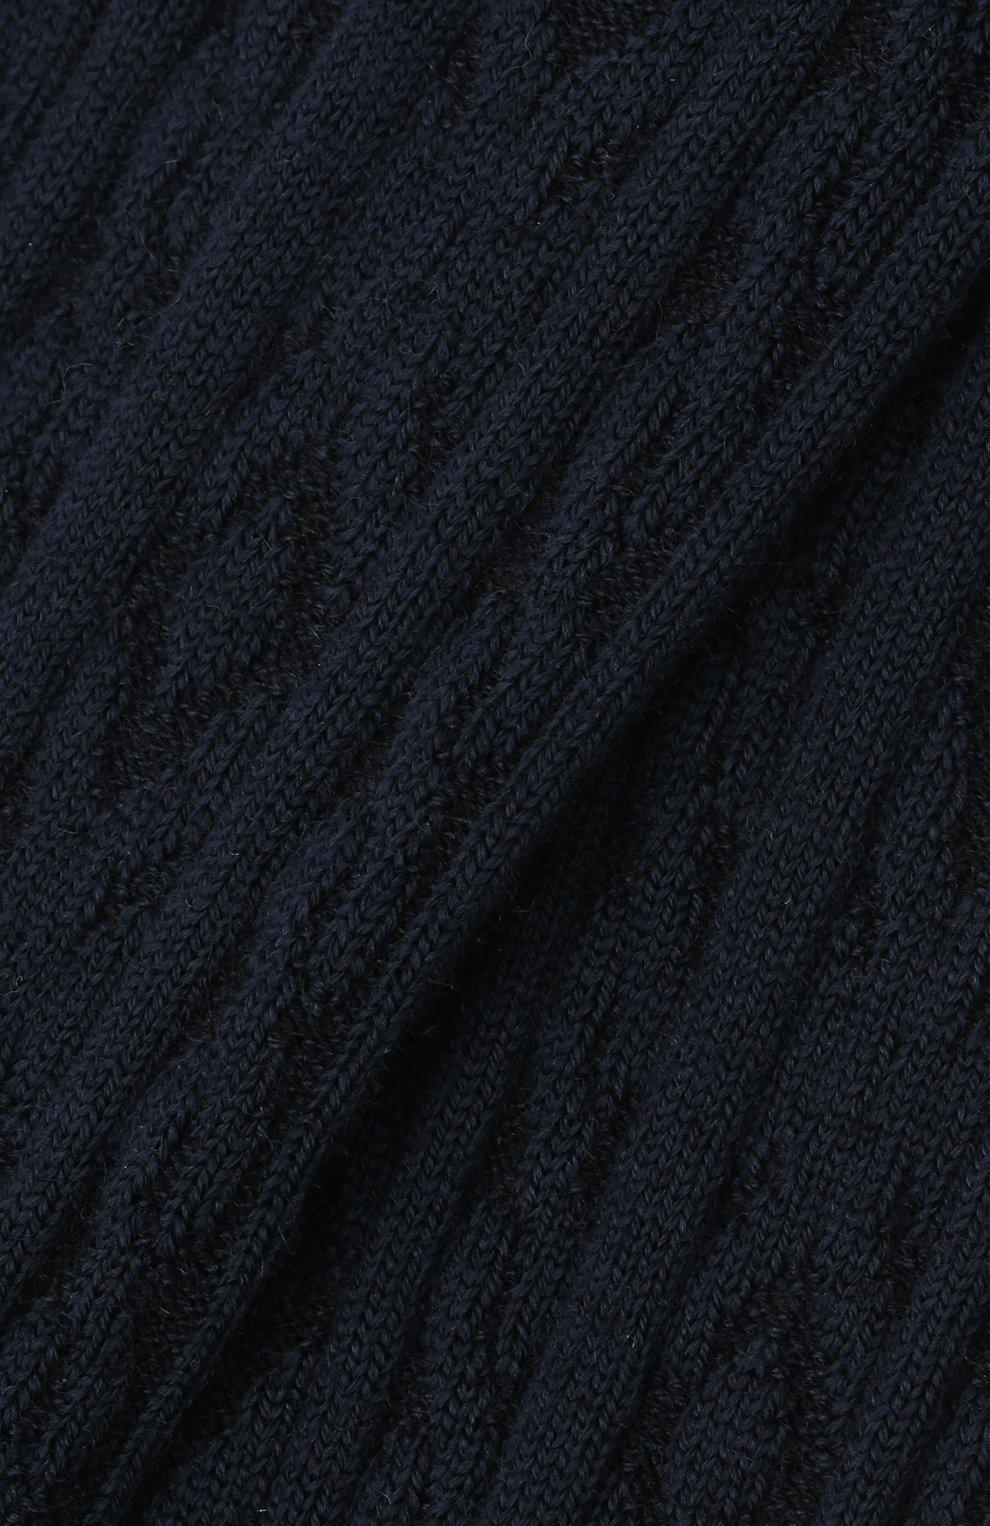 Детские колготки FALKE темно-синего цвета, арт. 13520.   Фото 2 (Материал: Шерсть)